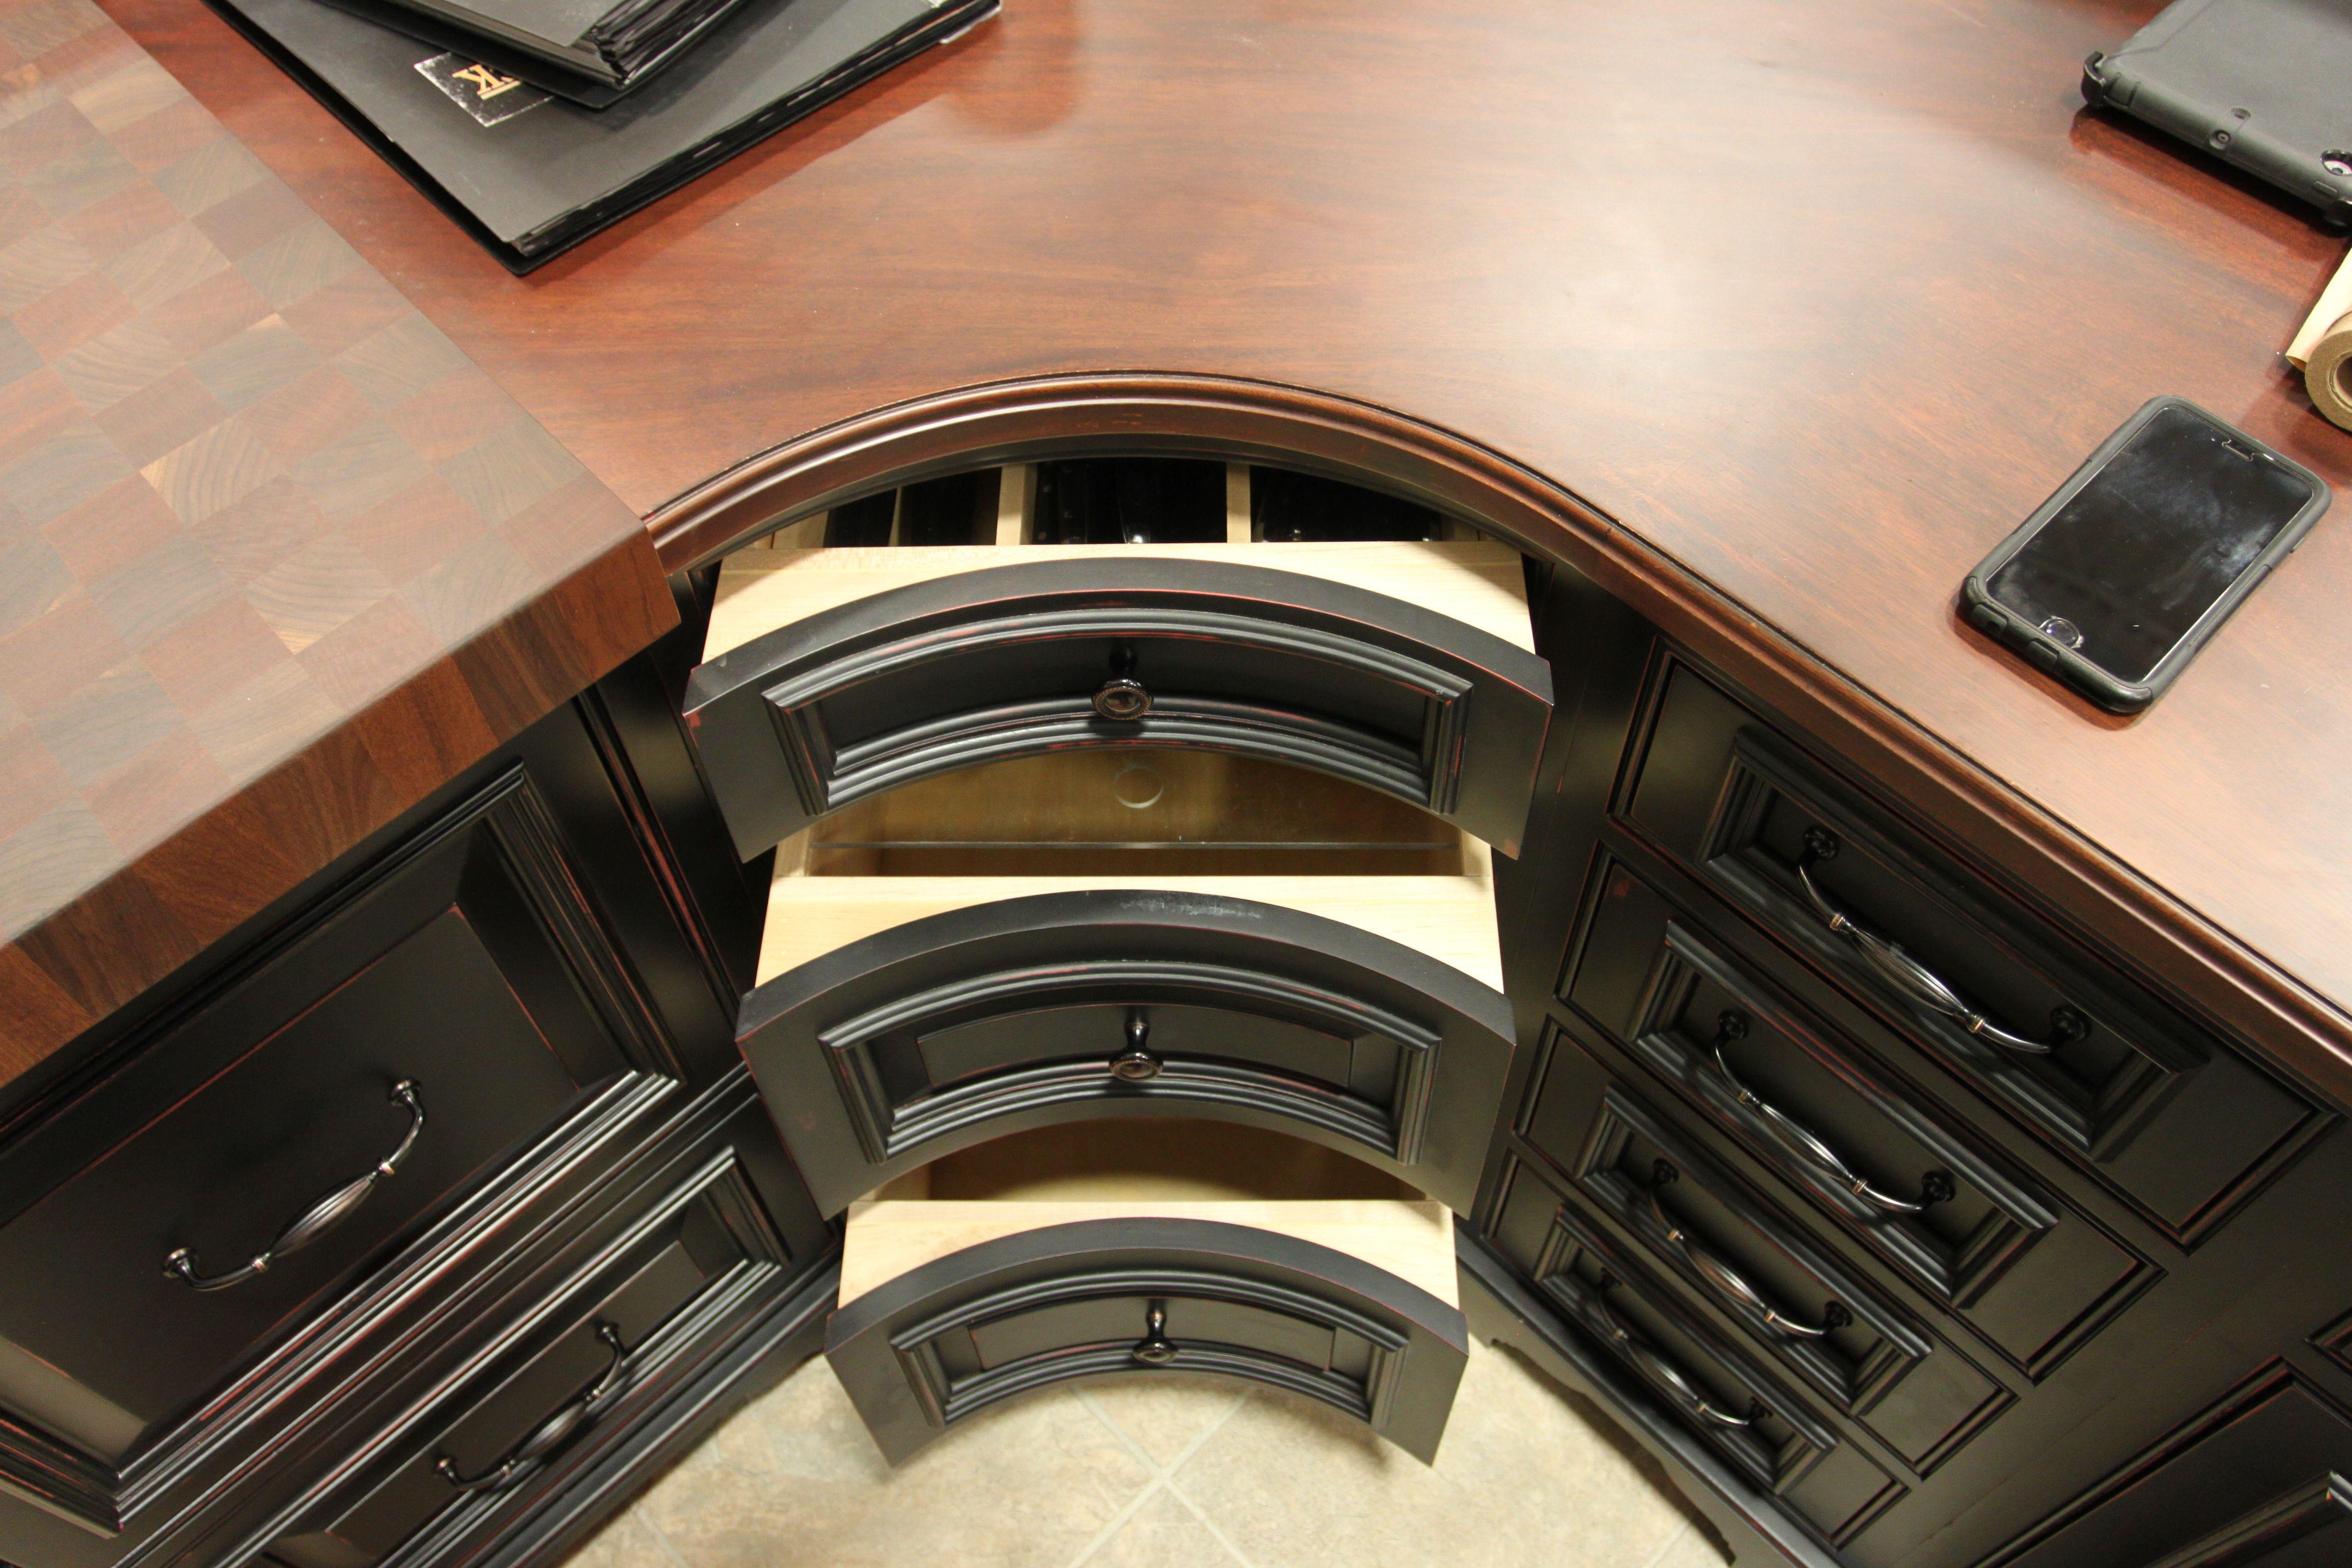 Base curved corner cabinet | Home appliances, Kitchen design